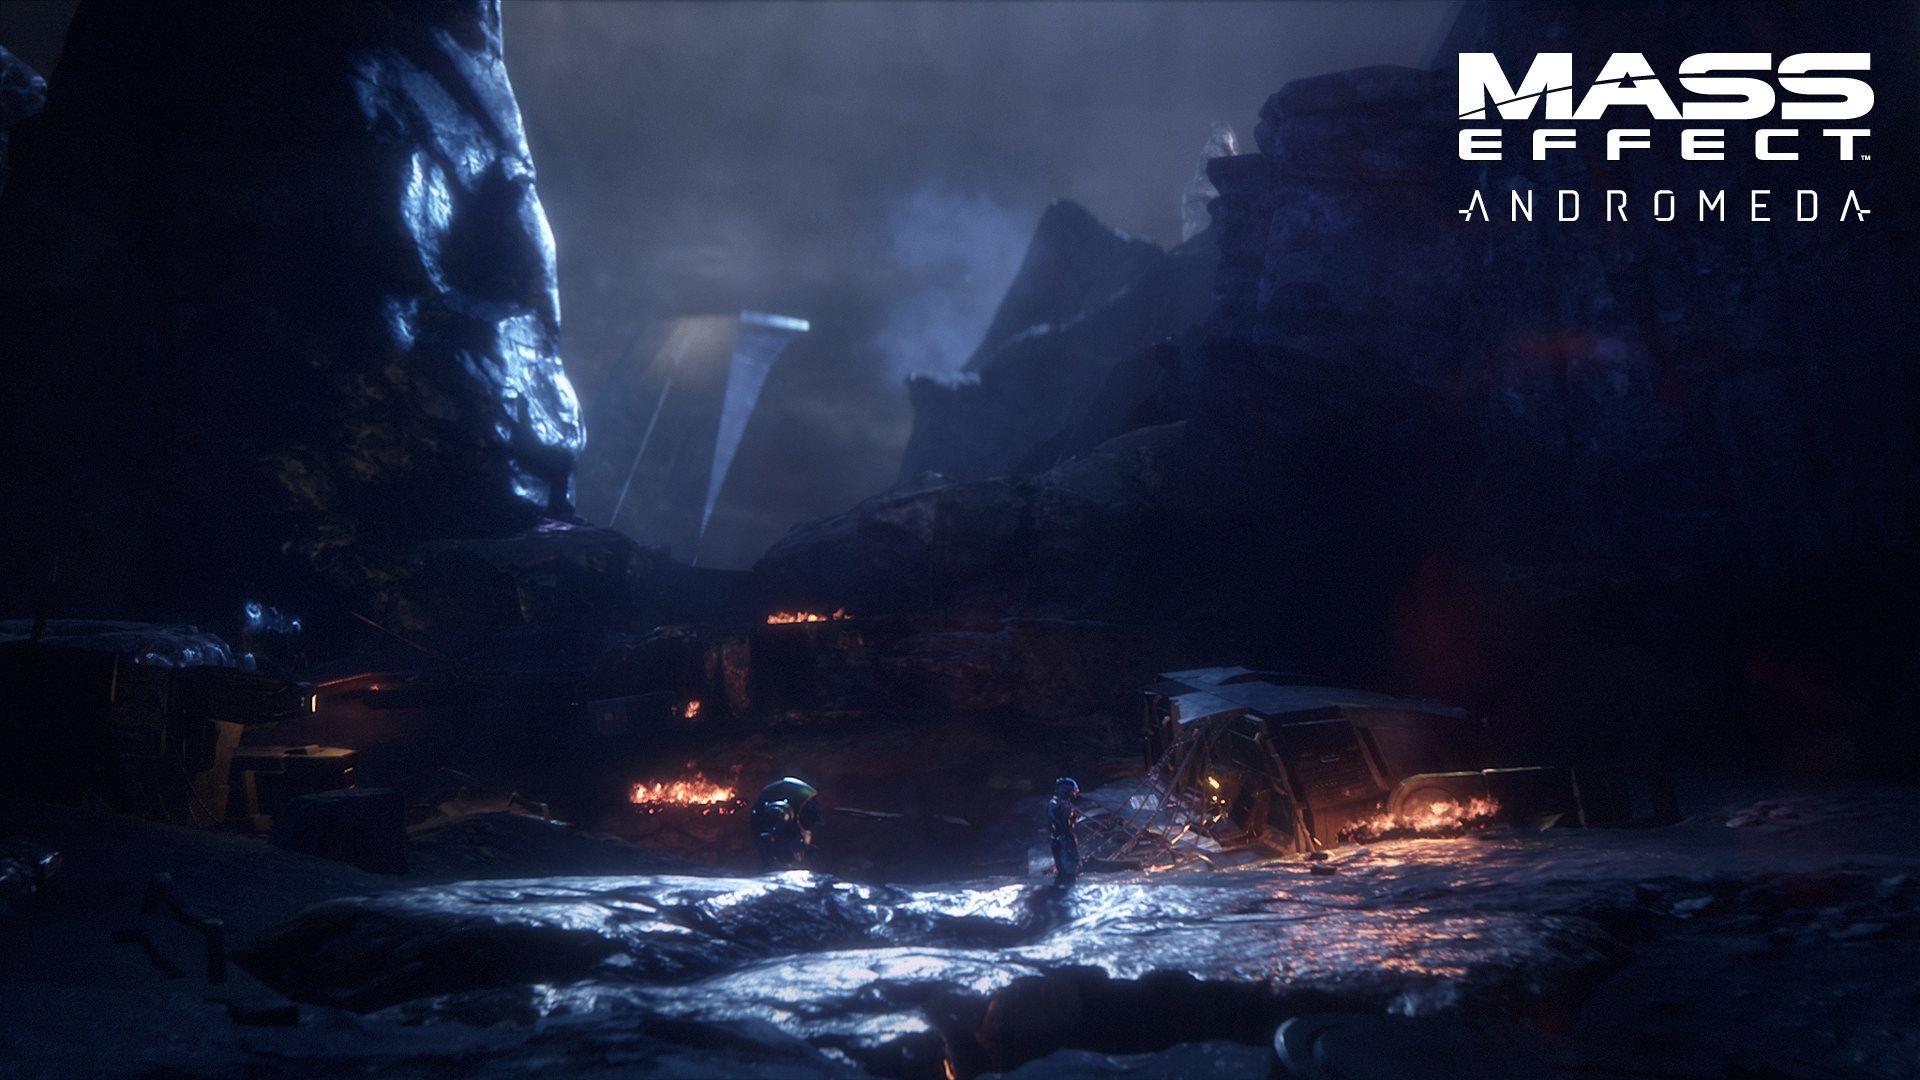 Mass Effect Andromeda Wallpaper Mass Effect 3 203735 Hd